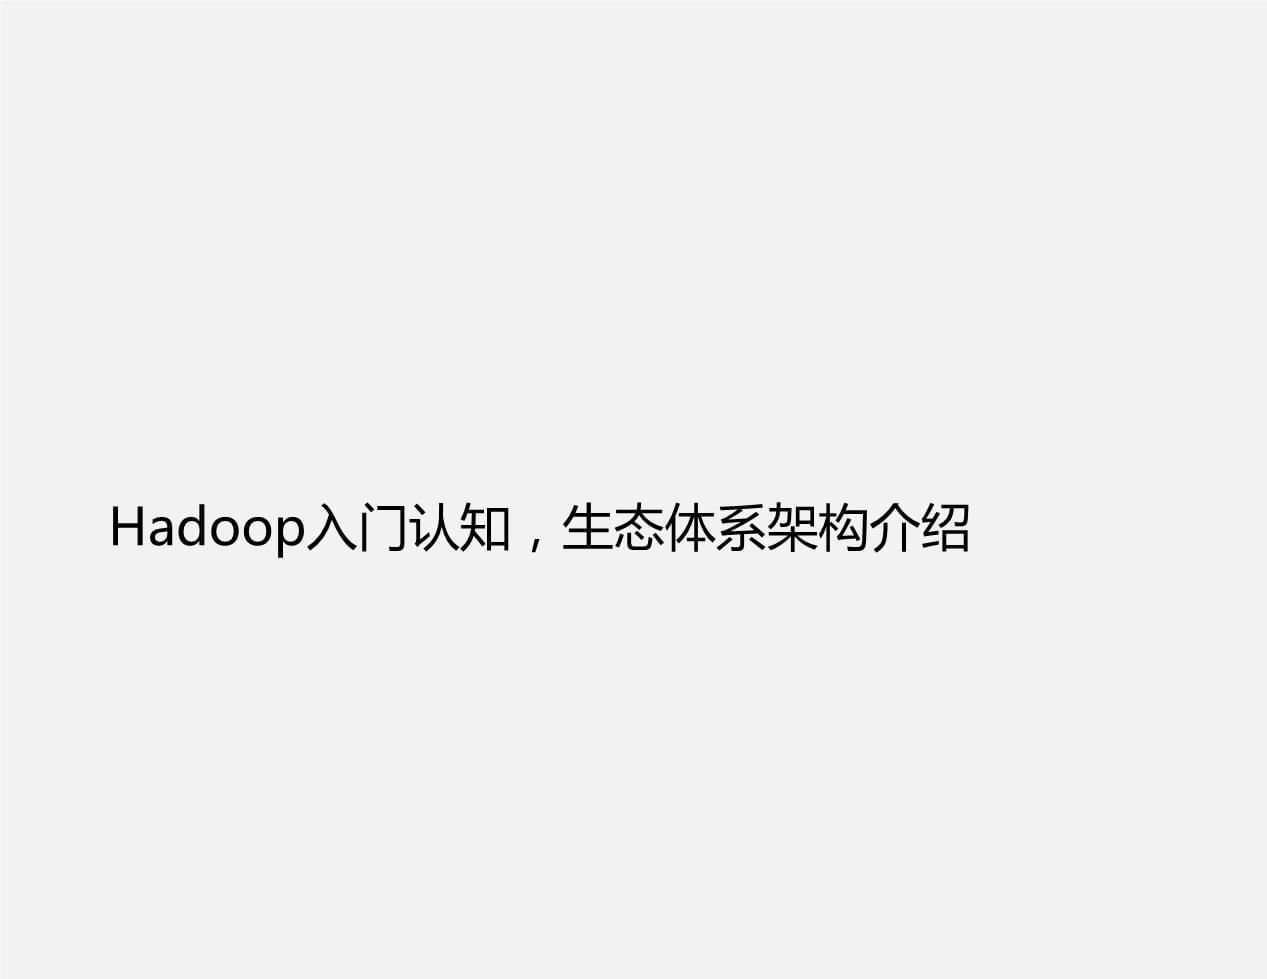 Hadoop分布式文件系统生态认知教学课件.pptx